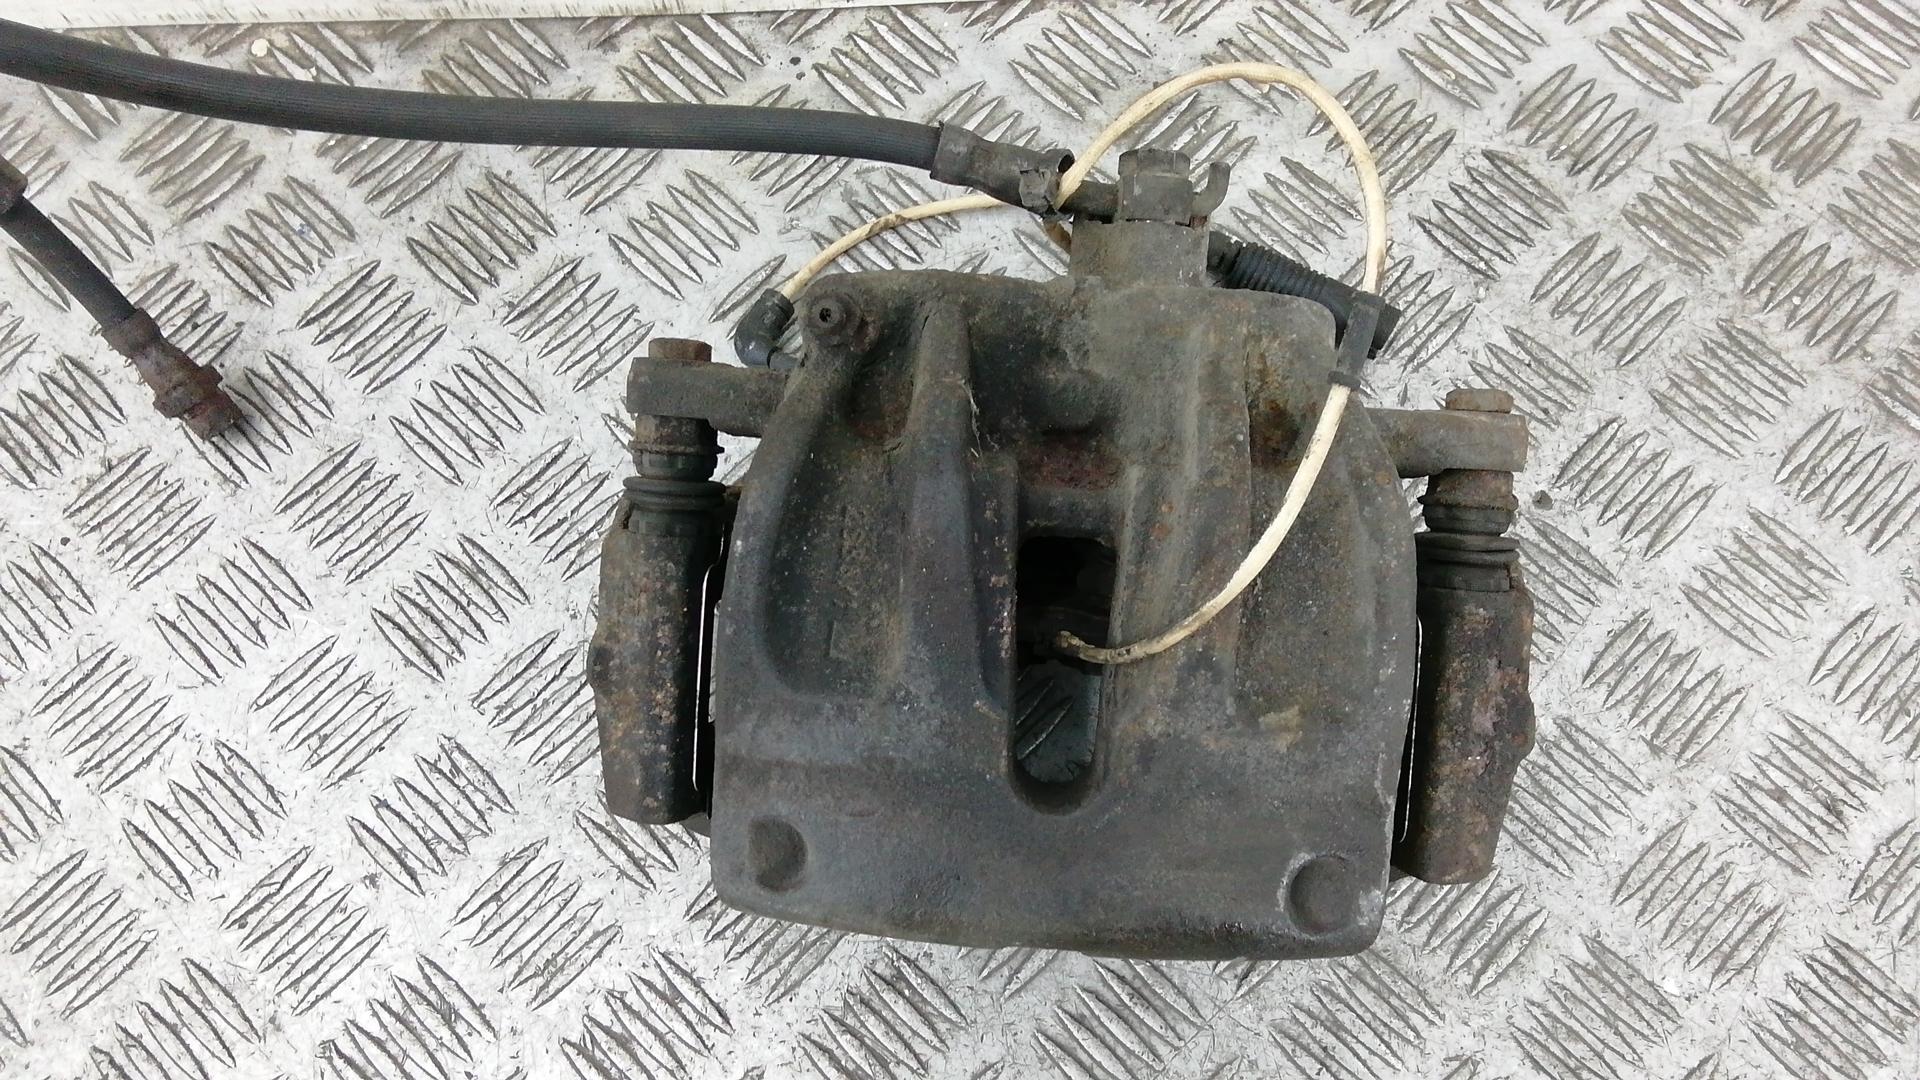 Суппорт тормозной передний левый, LAND ROVER, RANGE ROVER 3, 2006